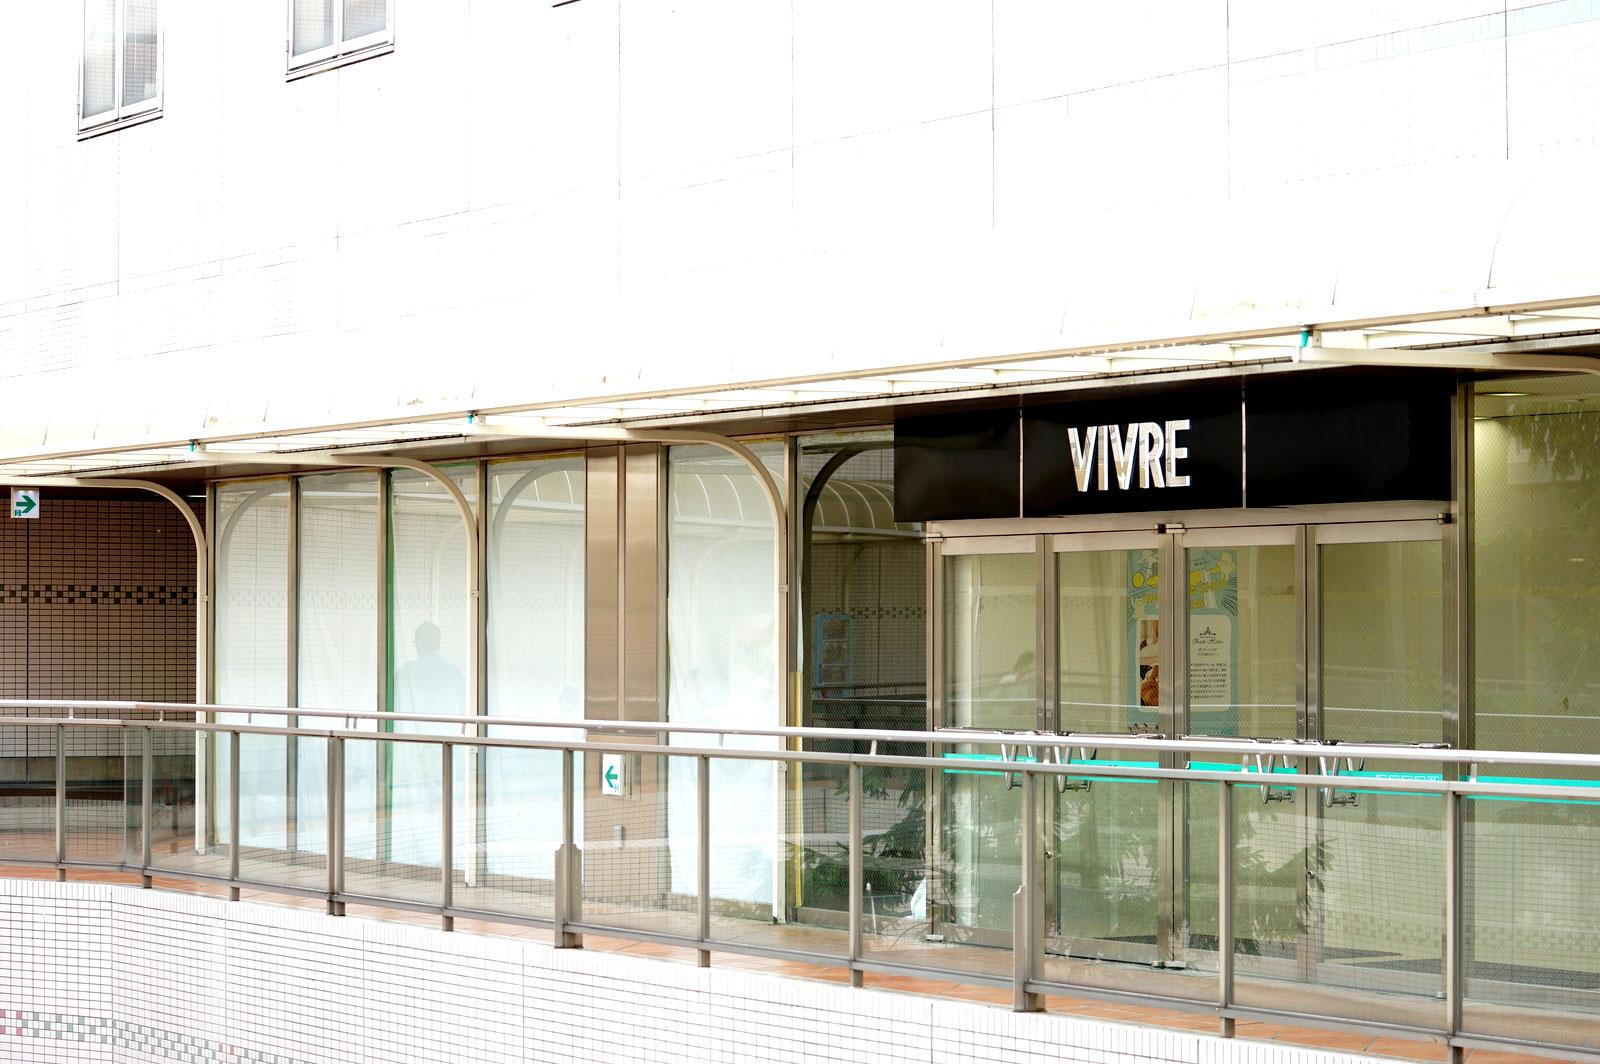 古巣・courreges北大路VIVRE店が撤退してた。